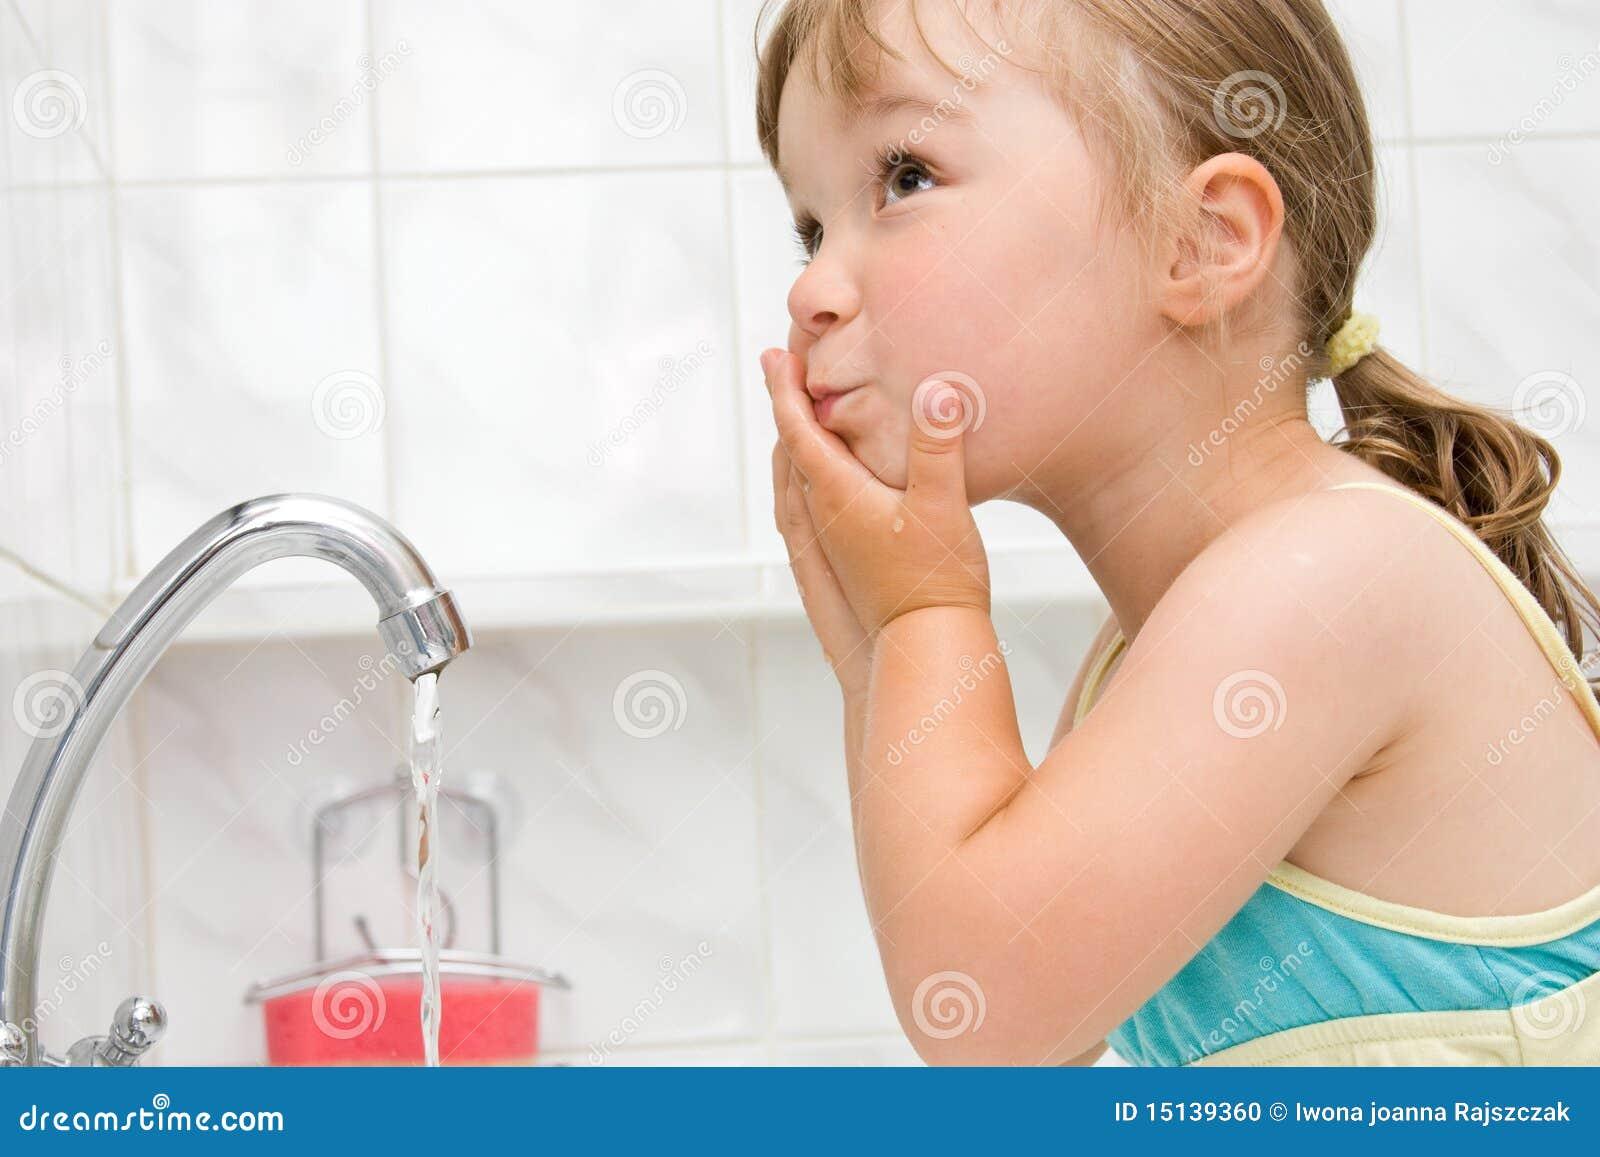 Petite fille dans la salle de bains photo stock image for Petites betes dans la salle de bain